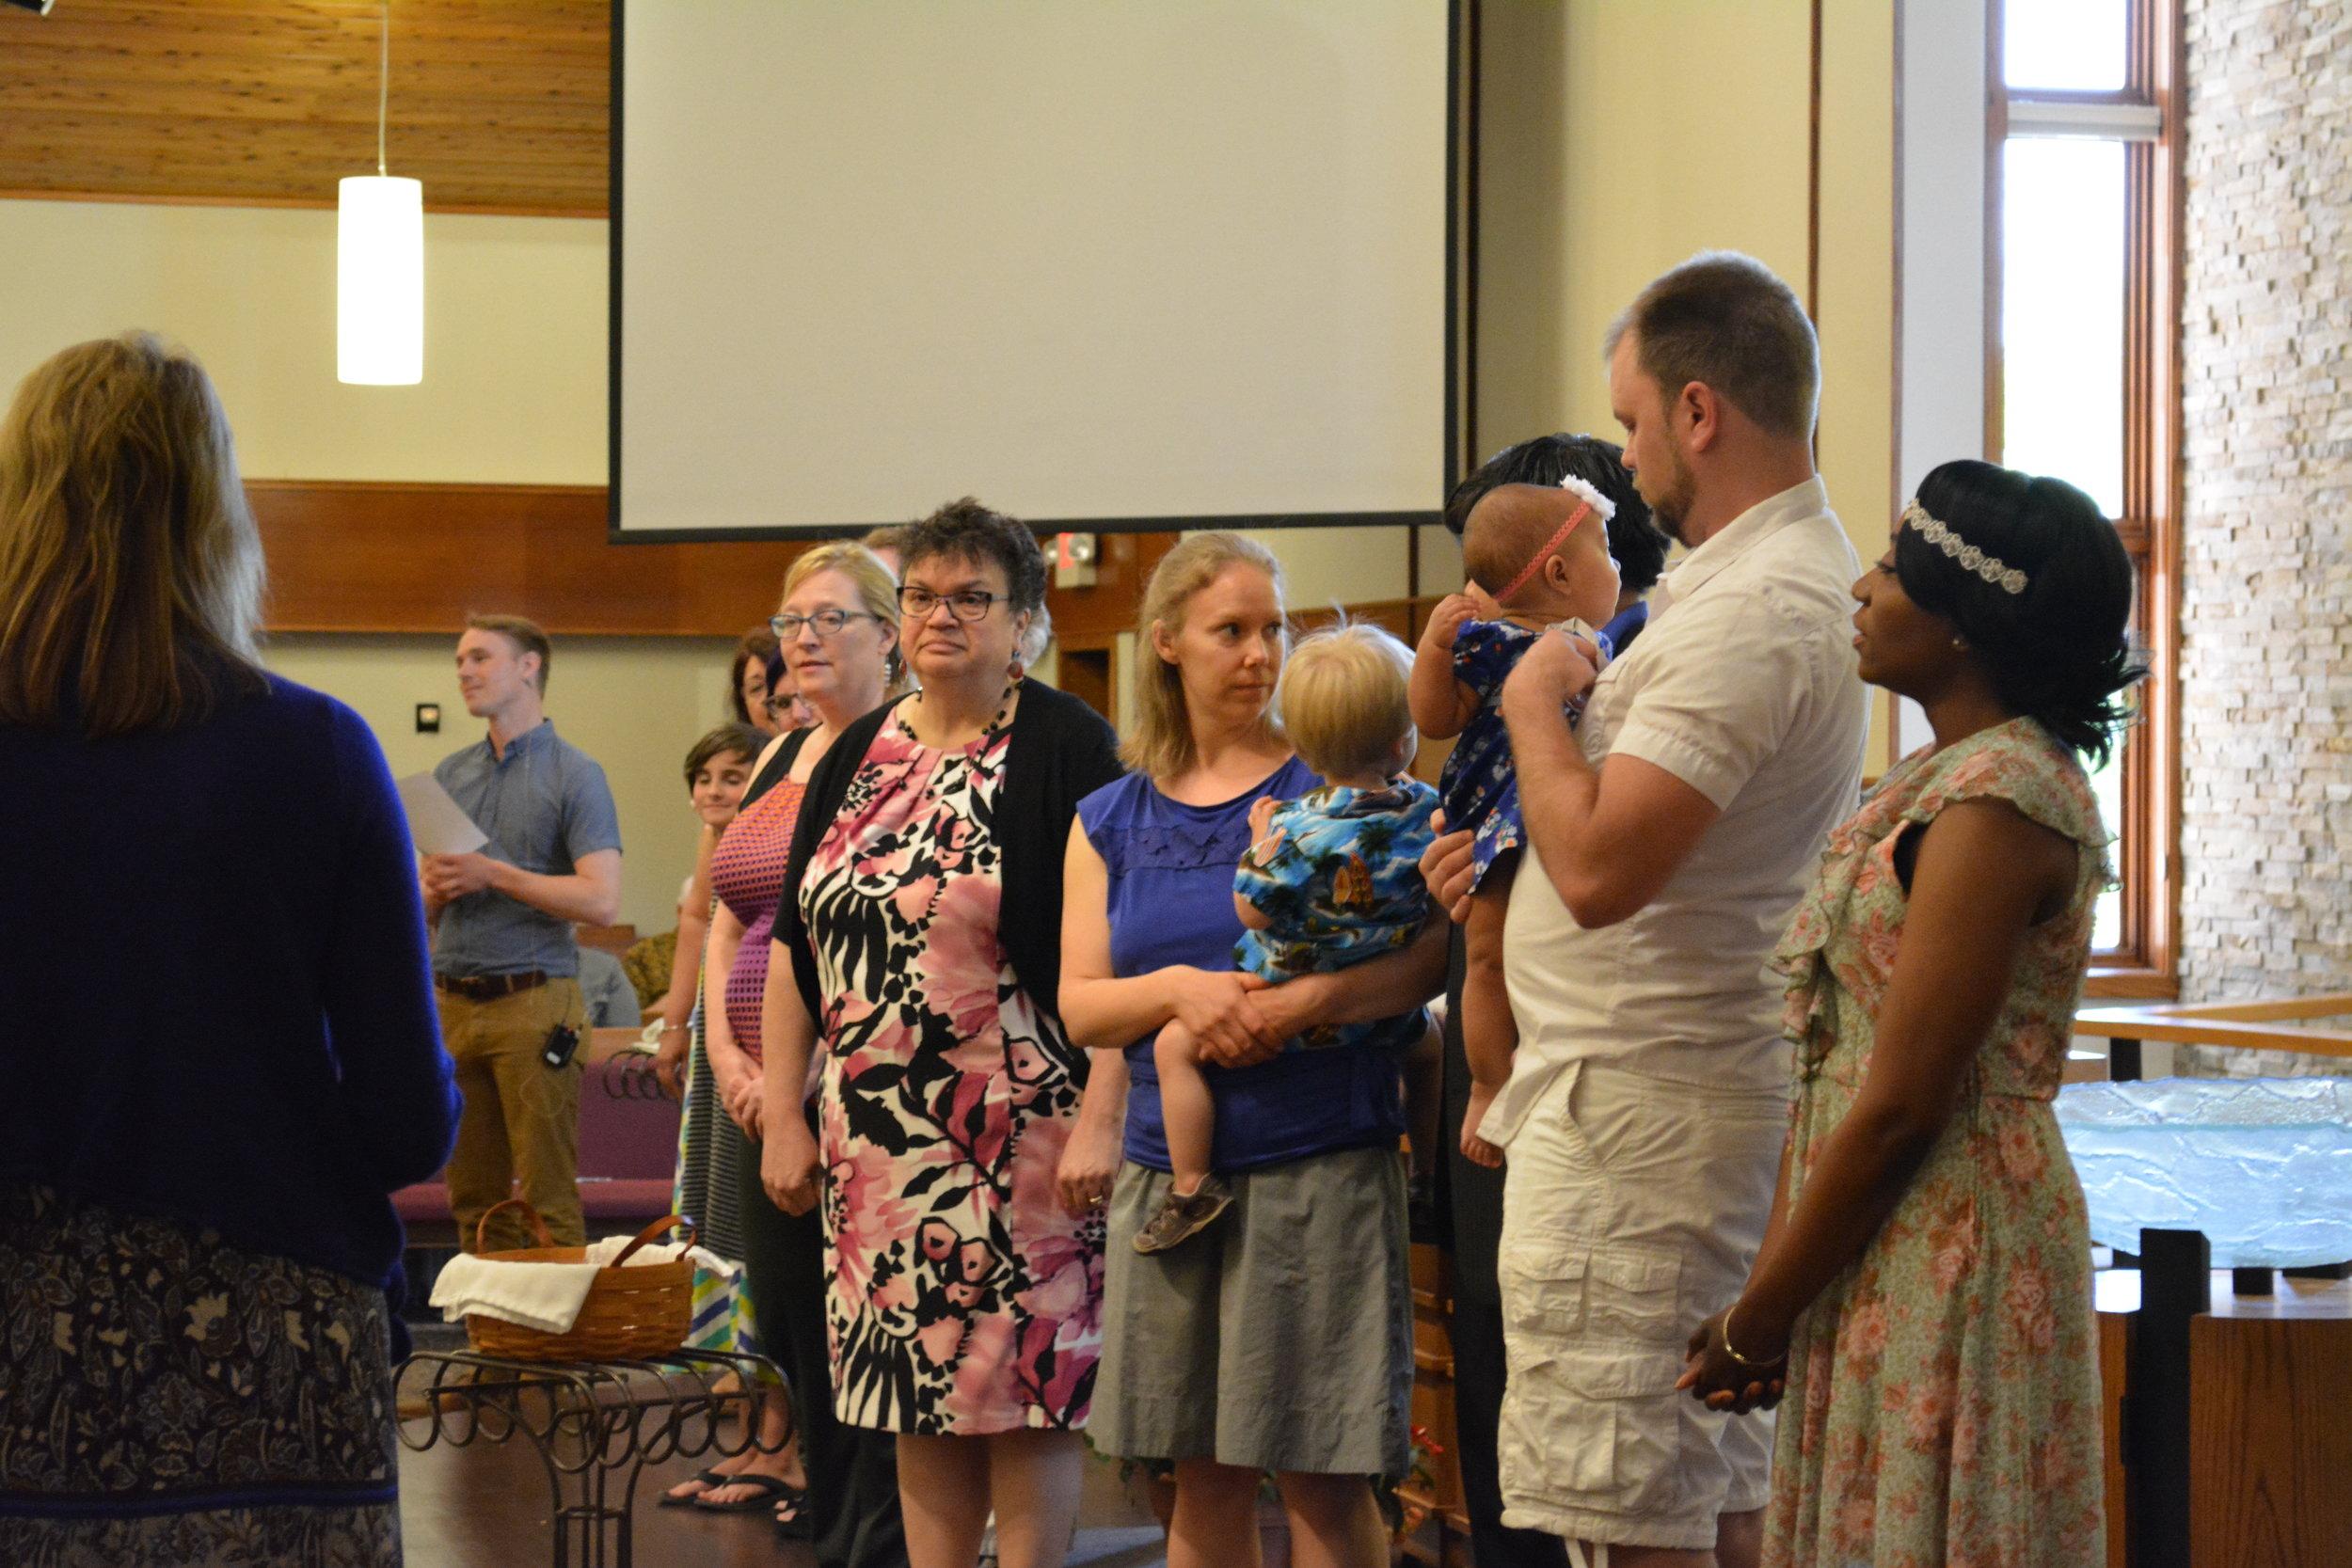 Celebrating three baptisms on Baptismal Sunday.